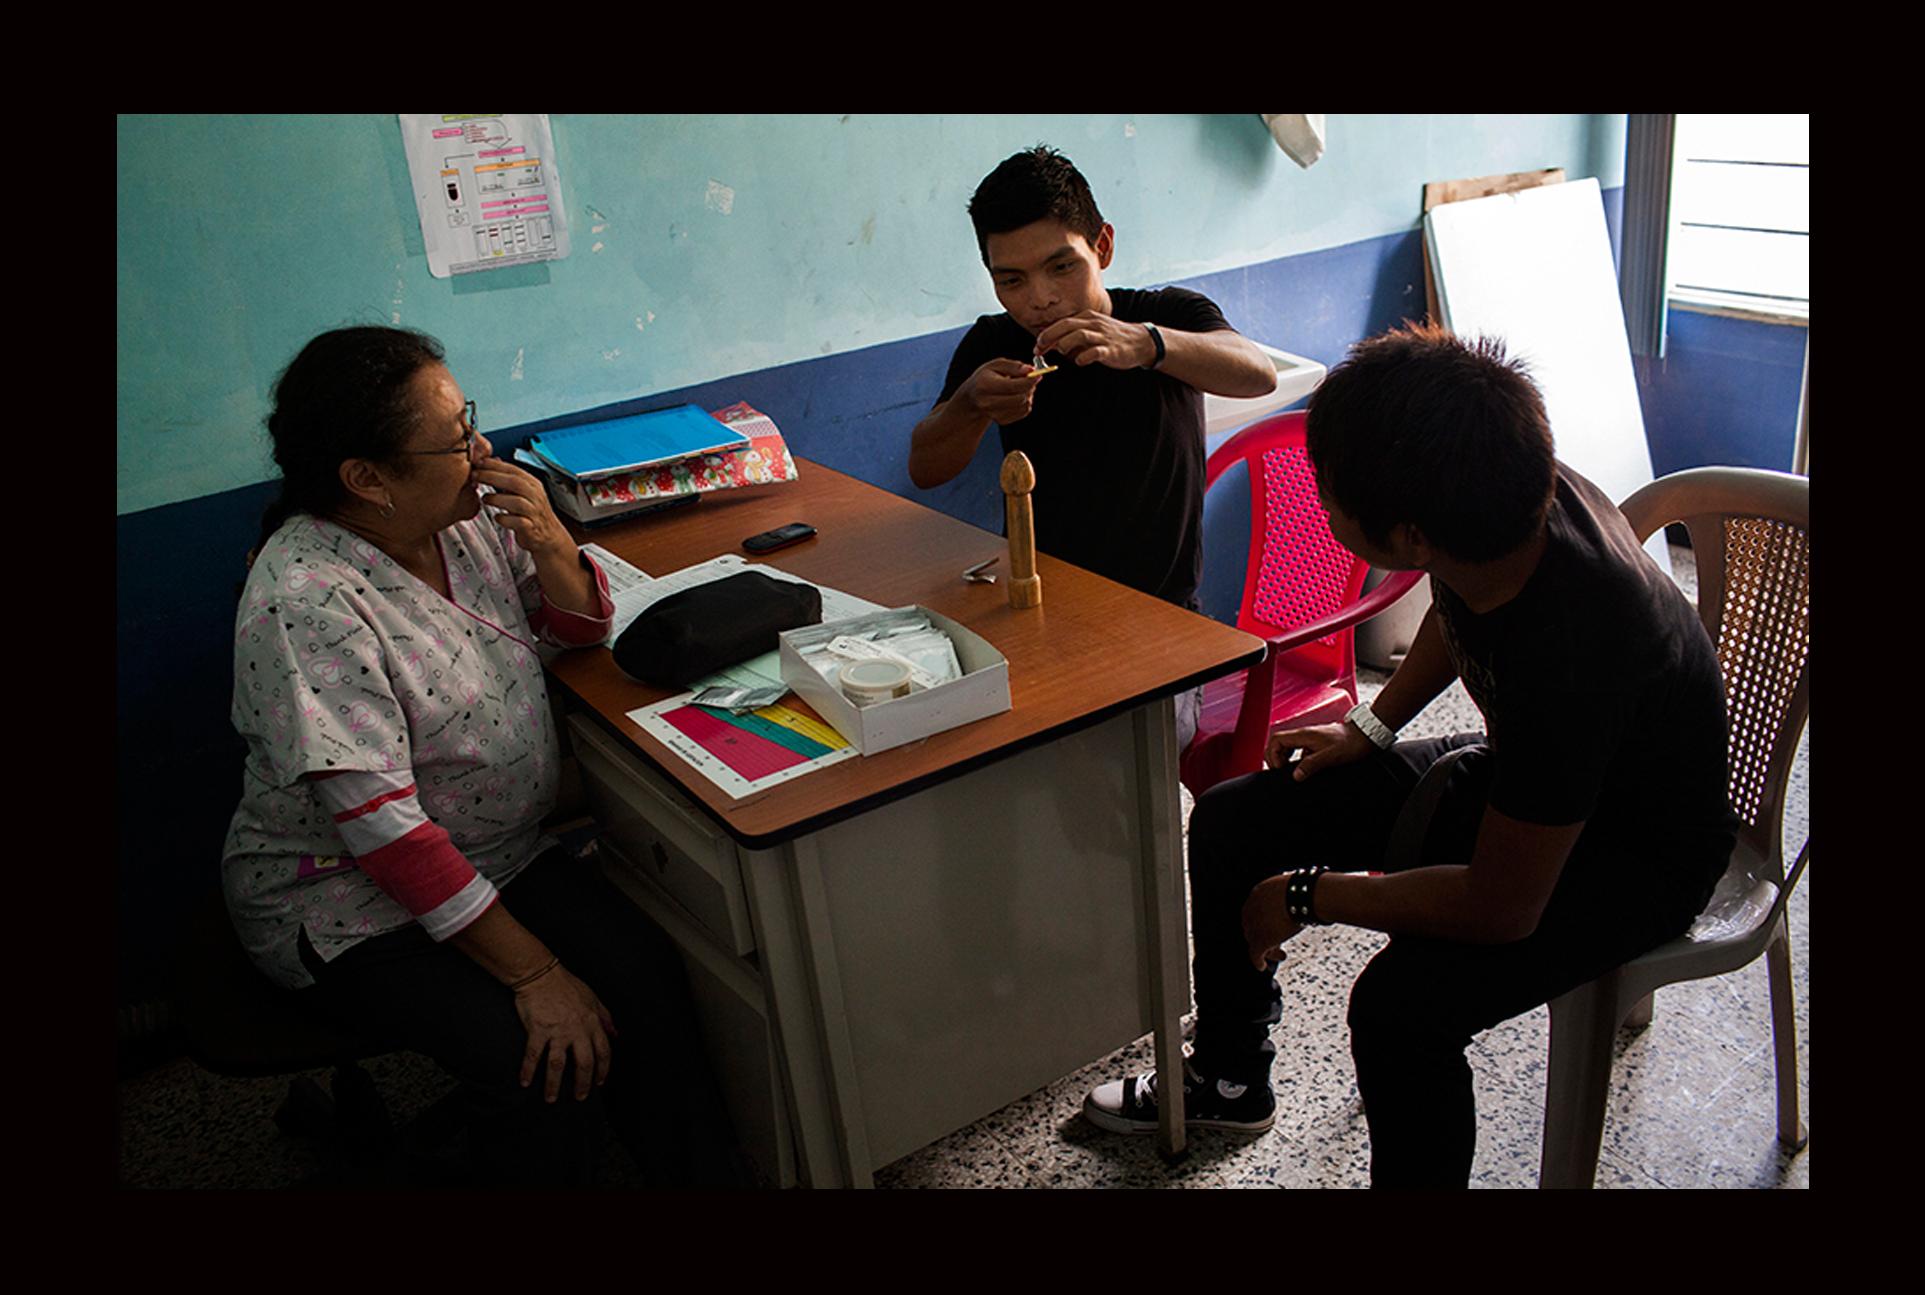 Higinio Ixquiactap, de 21 años, y Josten Tzep, de 21, reciben una charla informativa sobre uso de métodos anticonceptivos.